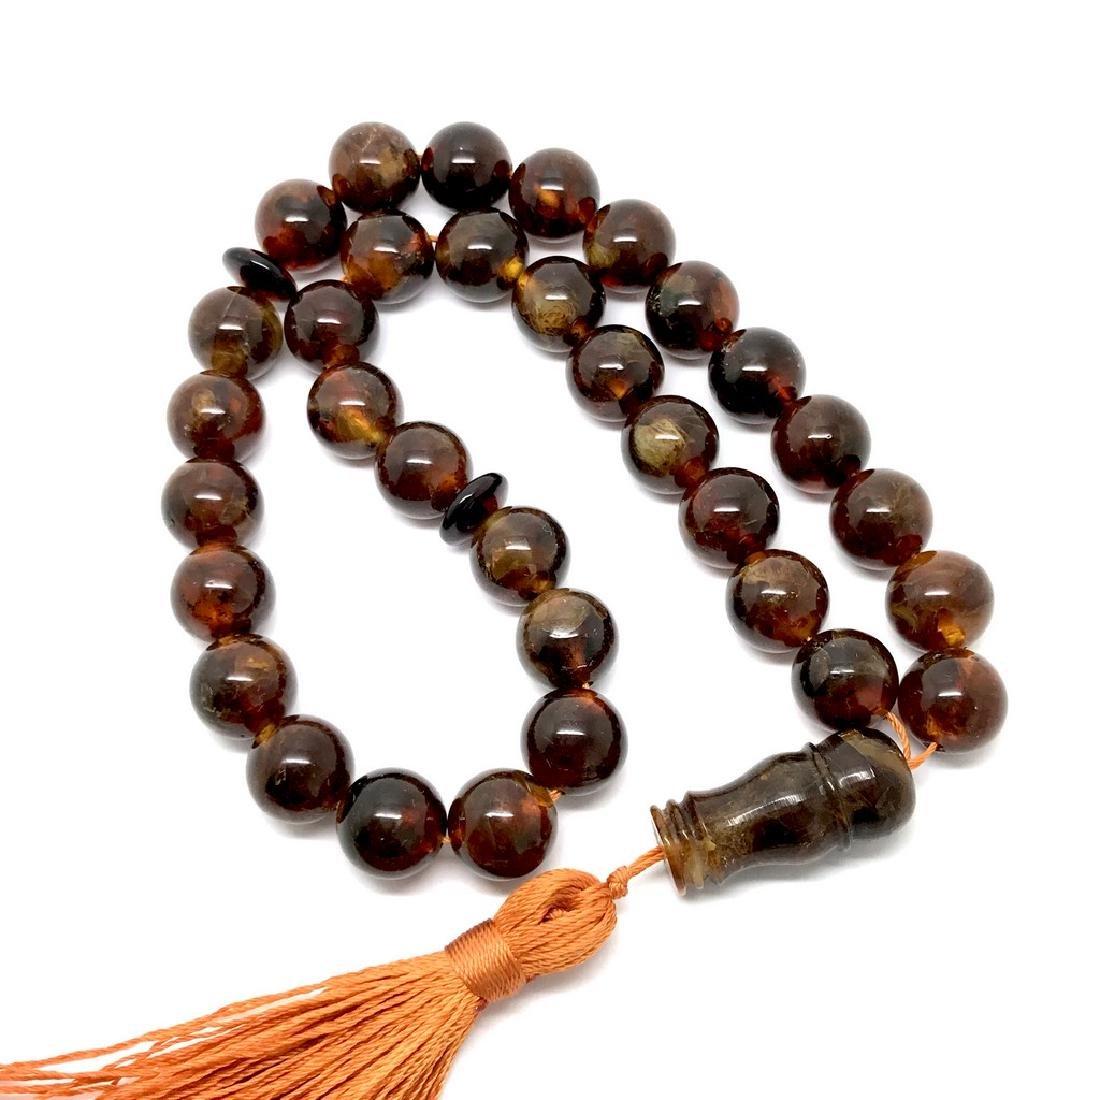 Misbaha tesbih Baltic amber cognac 33 beads ø11.5mm - 6